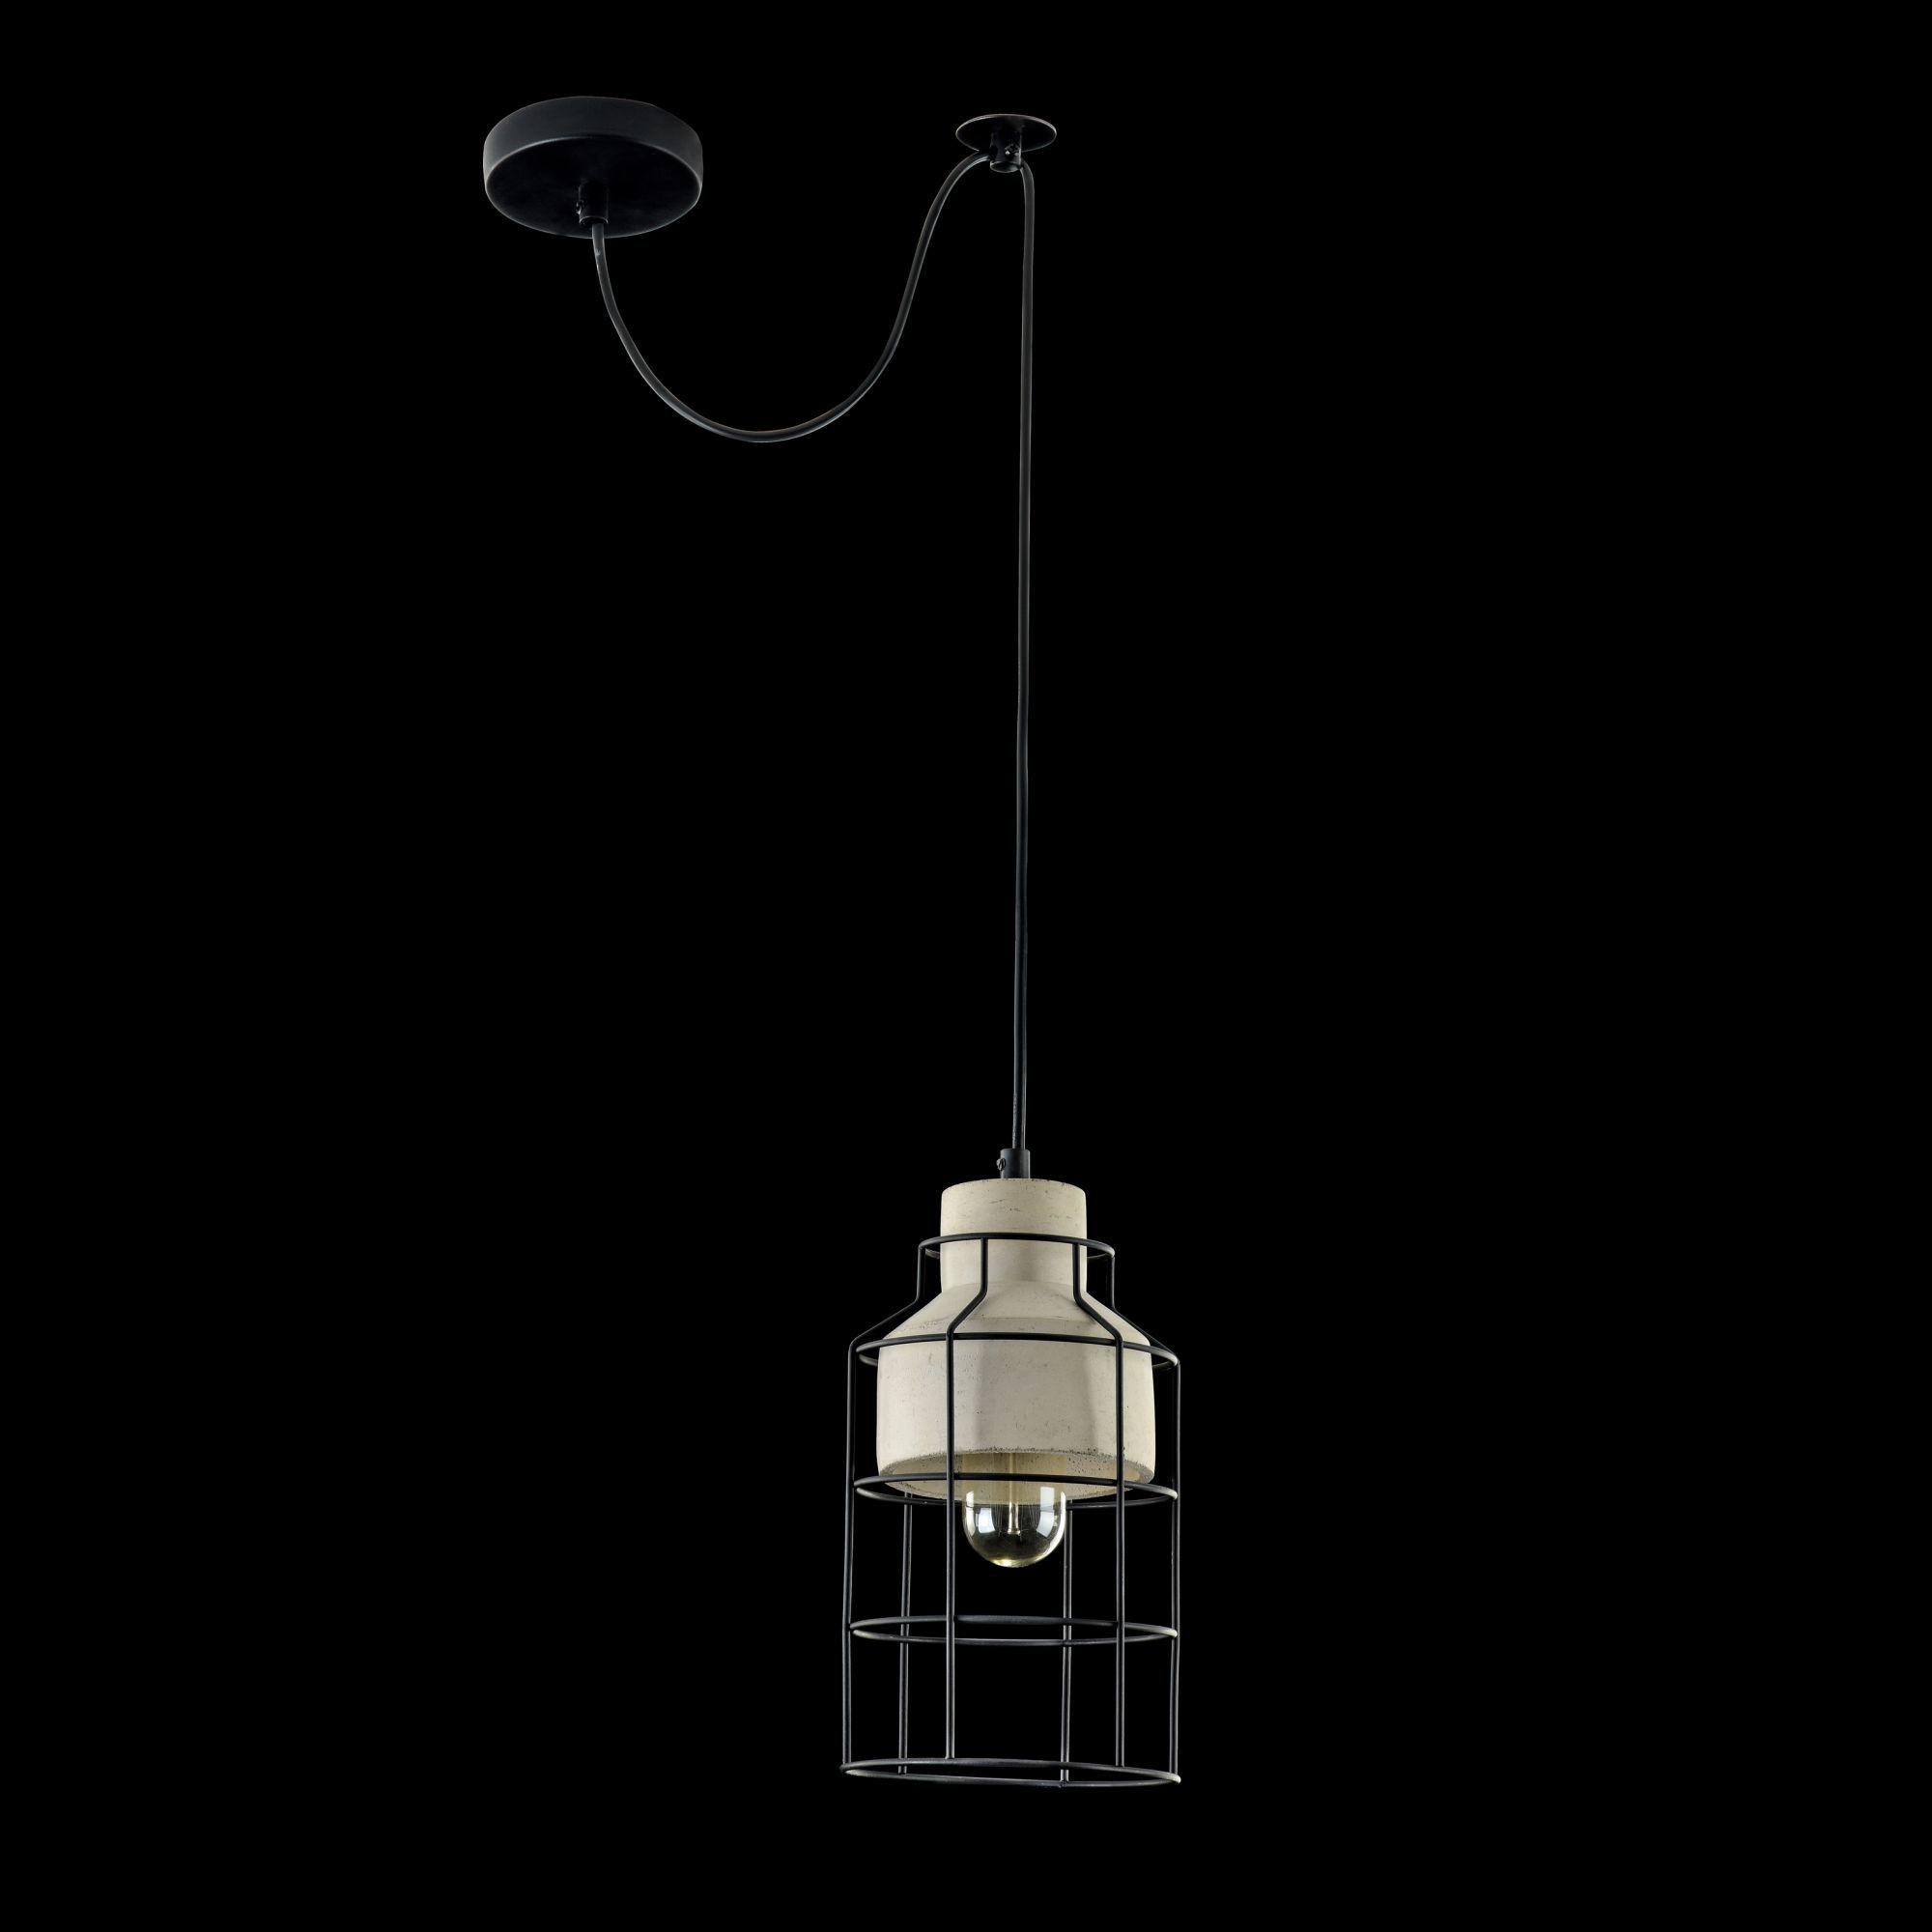 Подвесной светильник Maytoni Loft Gosford T441-PL-01-GR, 1xE27x60W, черный, серый, металл, металл с бетоном - фото 2